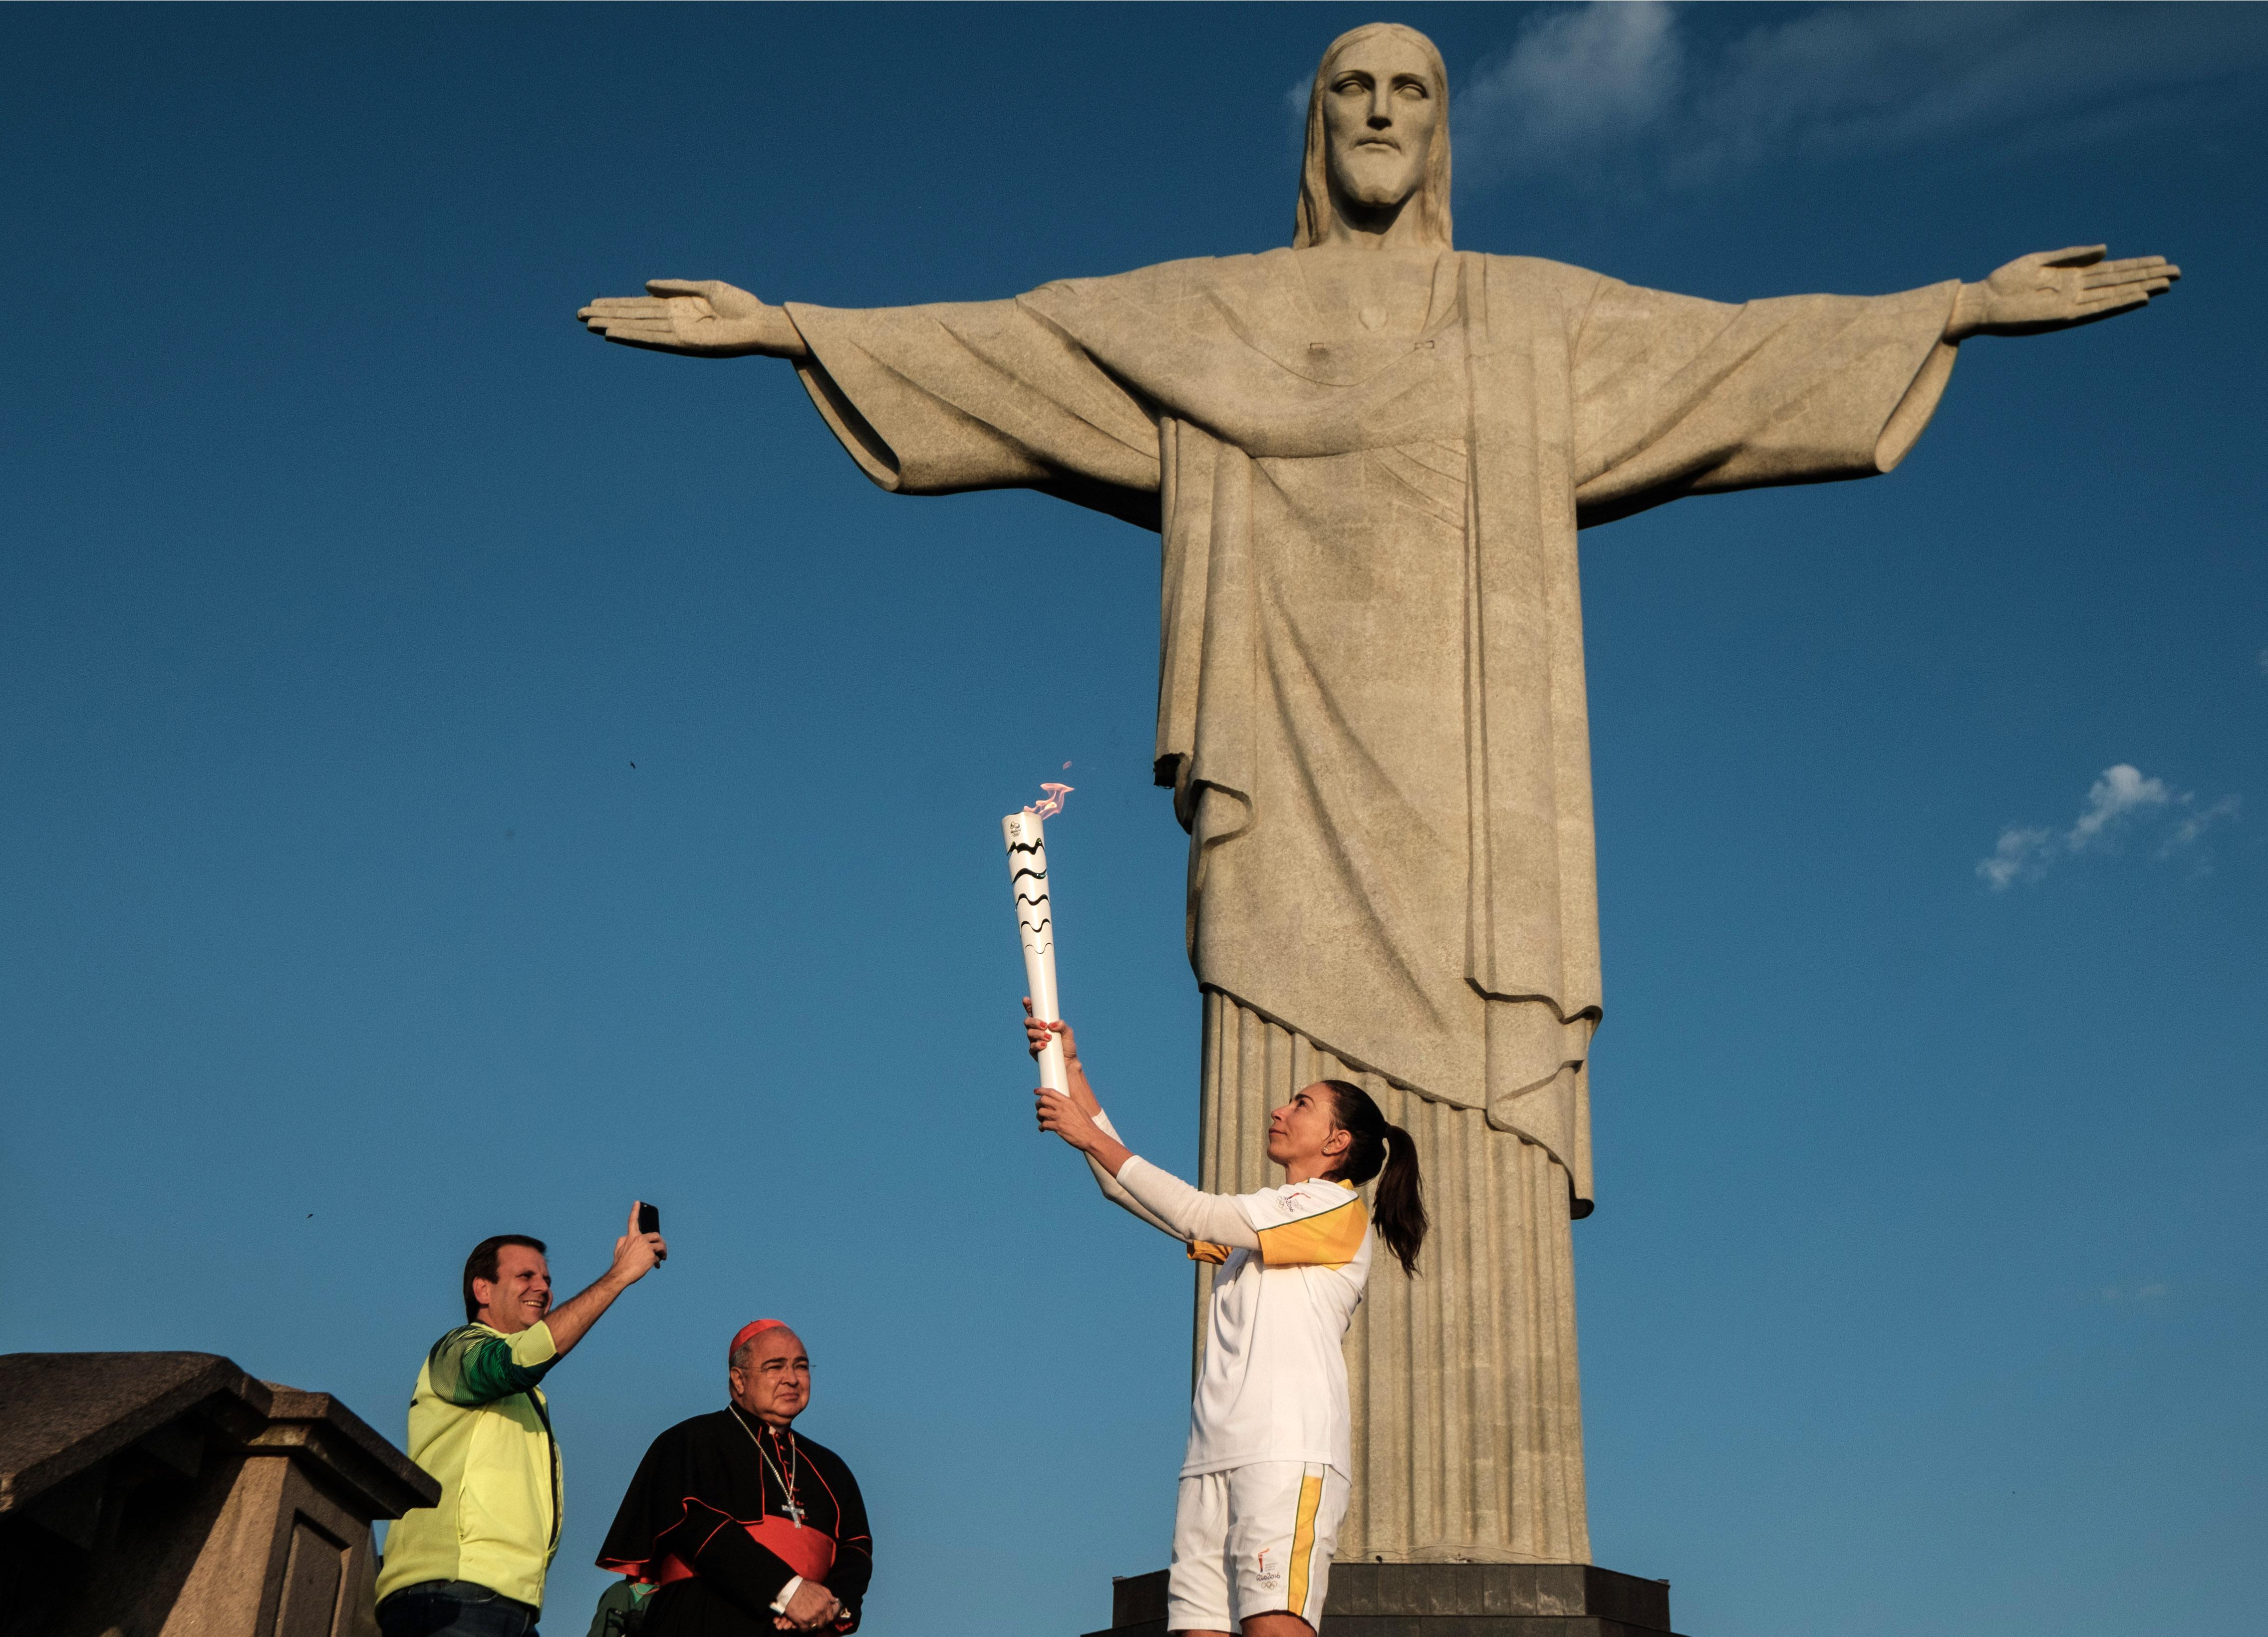 Rio volt kormányzója bevallotta, hogy vesztegetéssel szerezték meg a 2016-os olimpia rendezési jogát